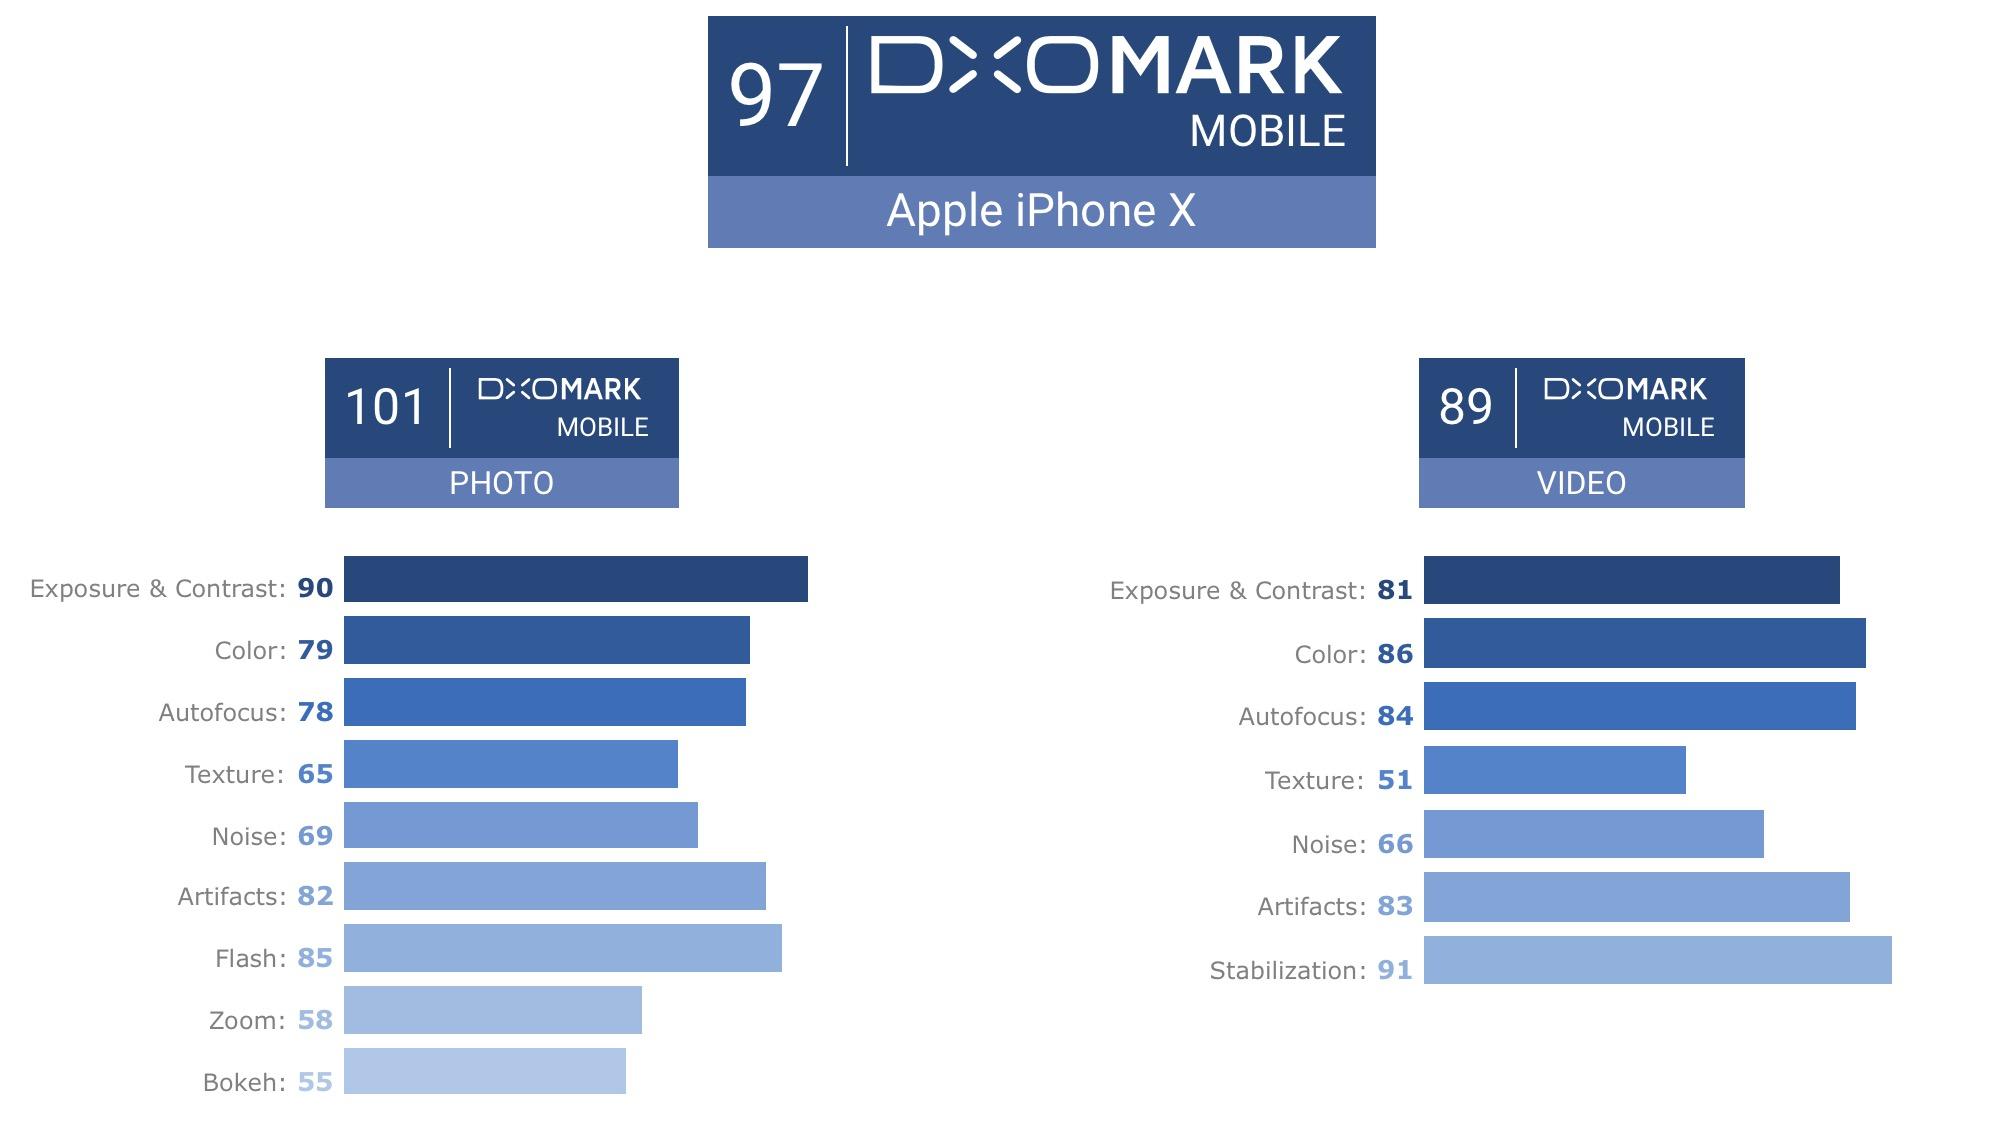 Tak radzi sobie iPhone X w rankingu DxO.